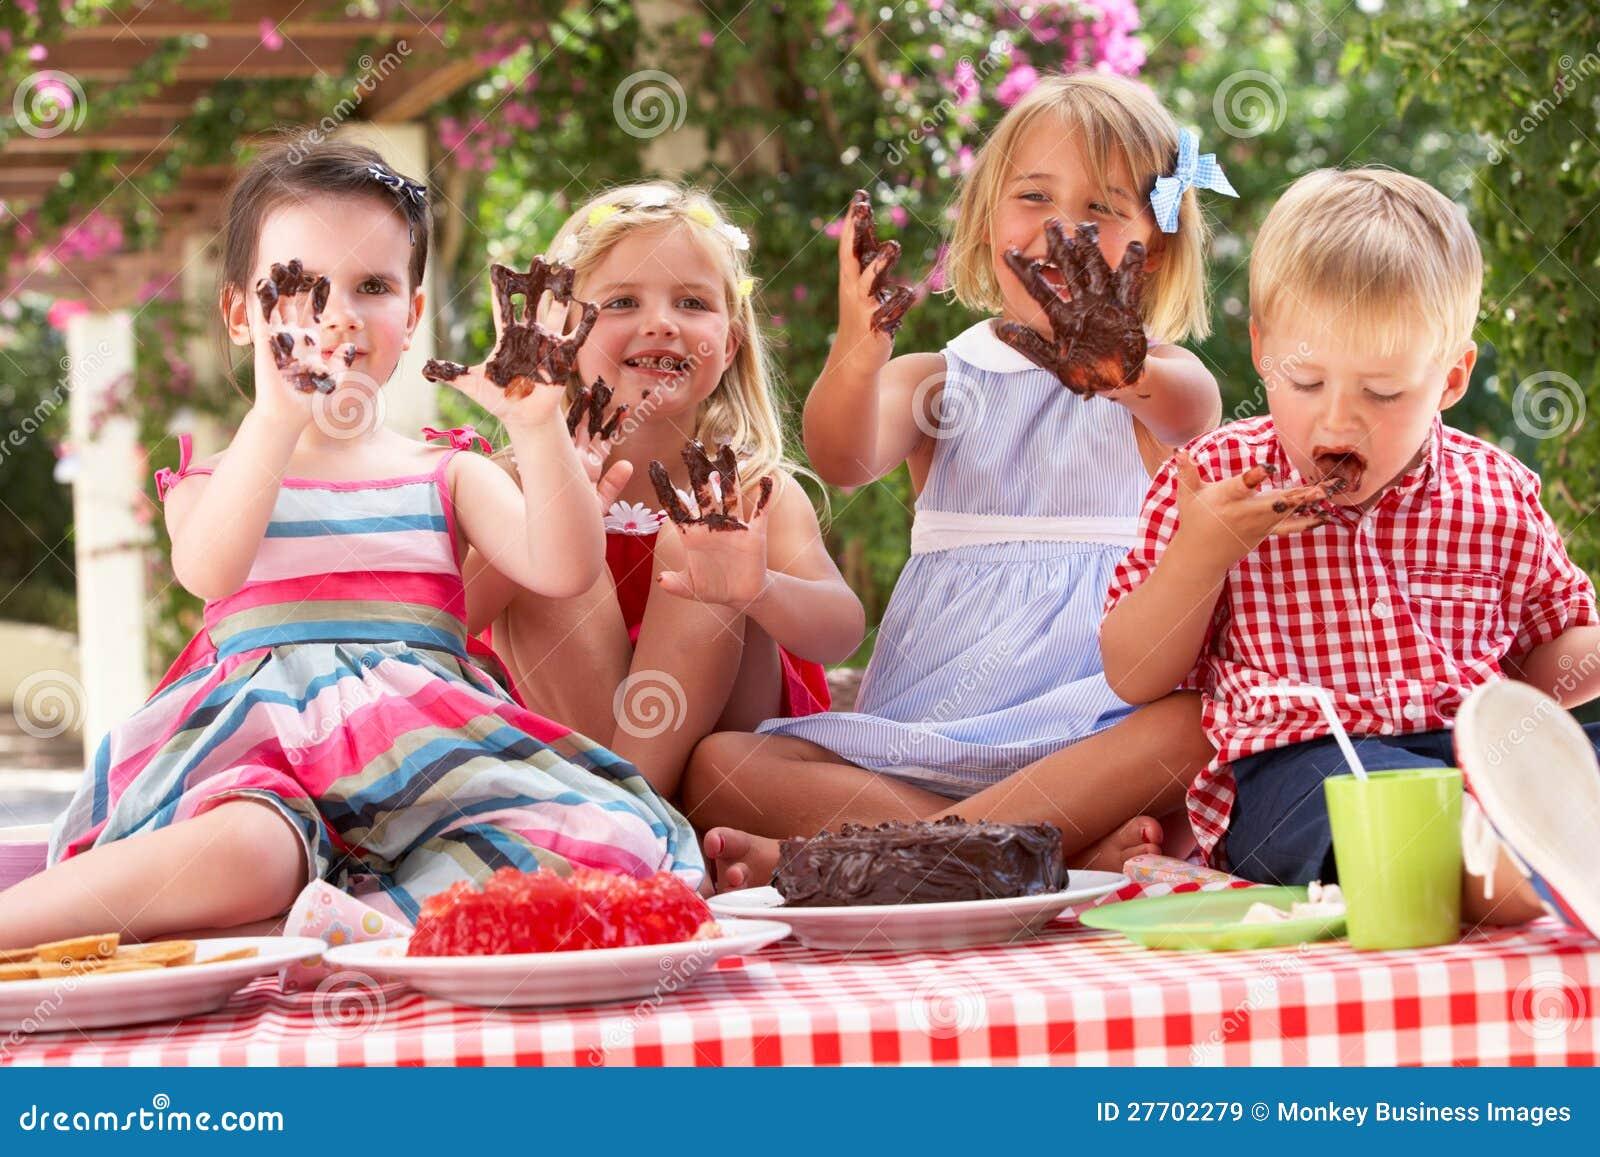 Royalty-vrije stock afbeeldingen: groep kinderen die cake eten bij